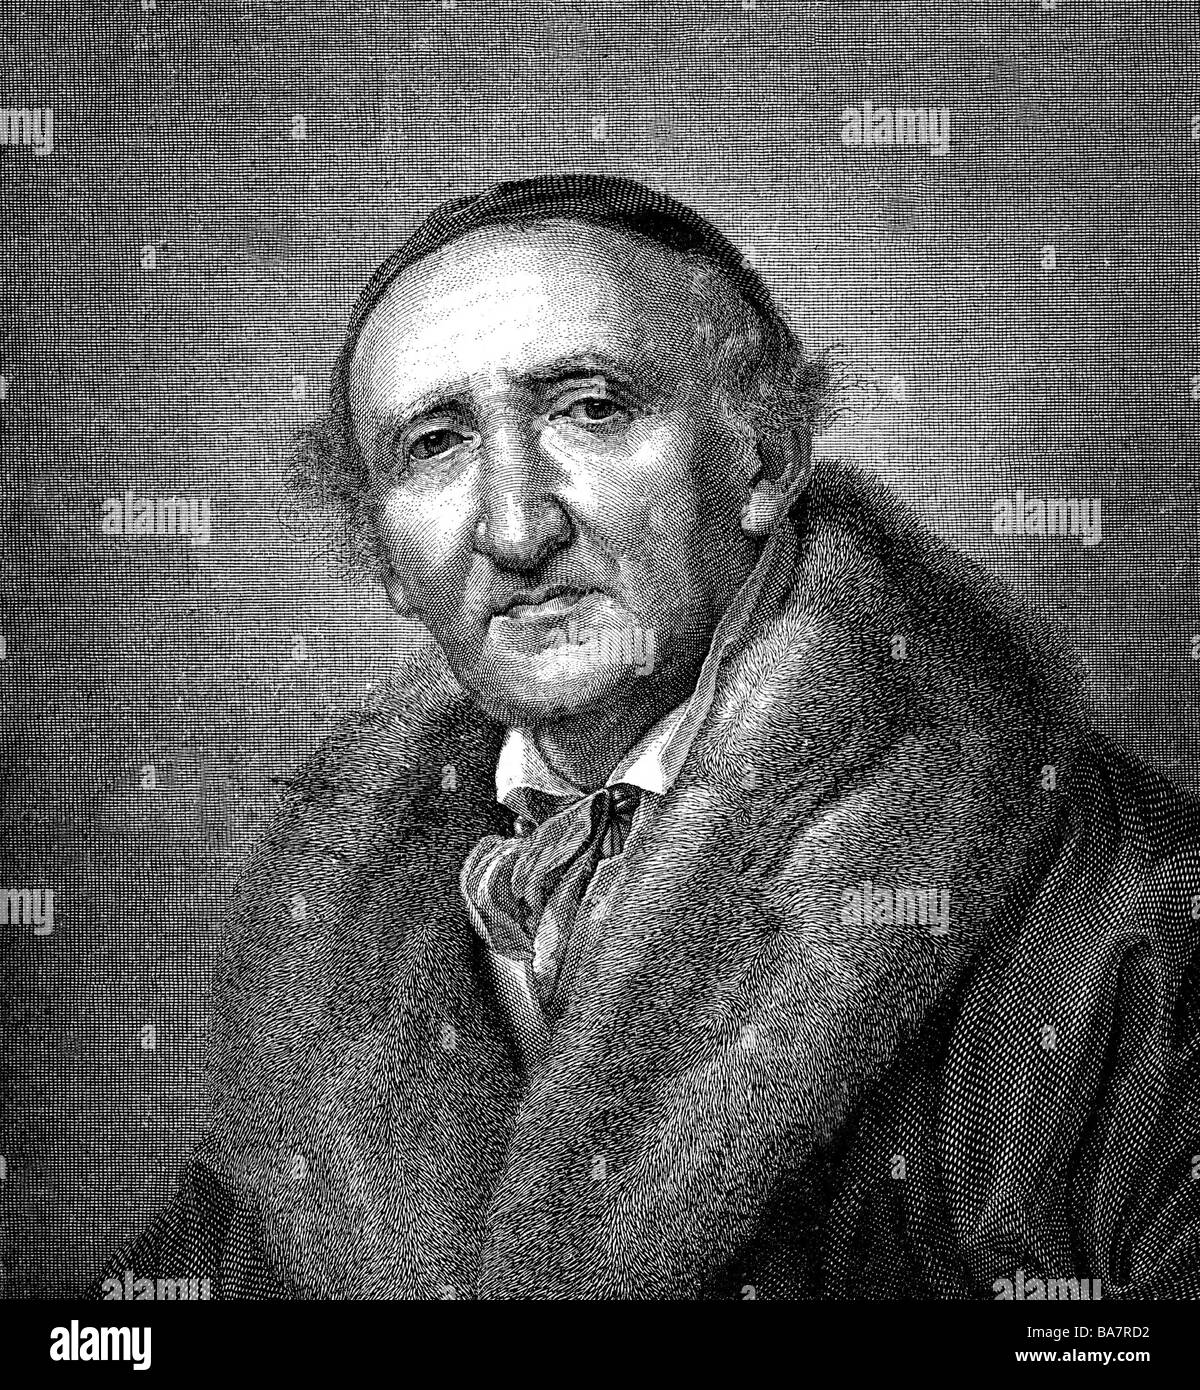 Schadow, Johann Gottfried, 20.5.1764 - 27.1.1850, scultore tedesco, ritratto, incisione in legno di H. Brei, dopo la pittura di Huebner, Foto Stock